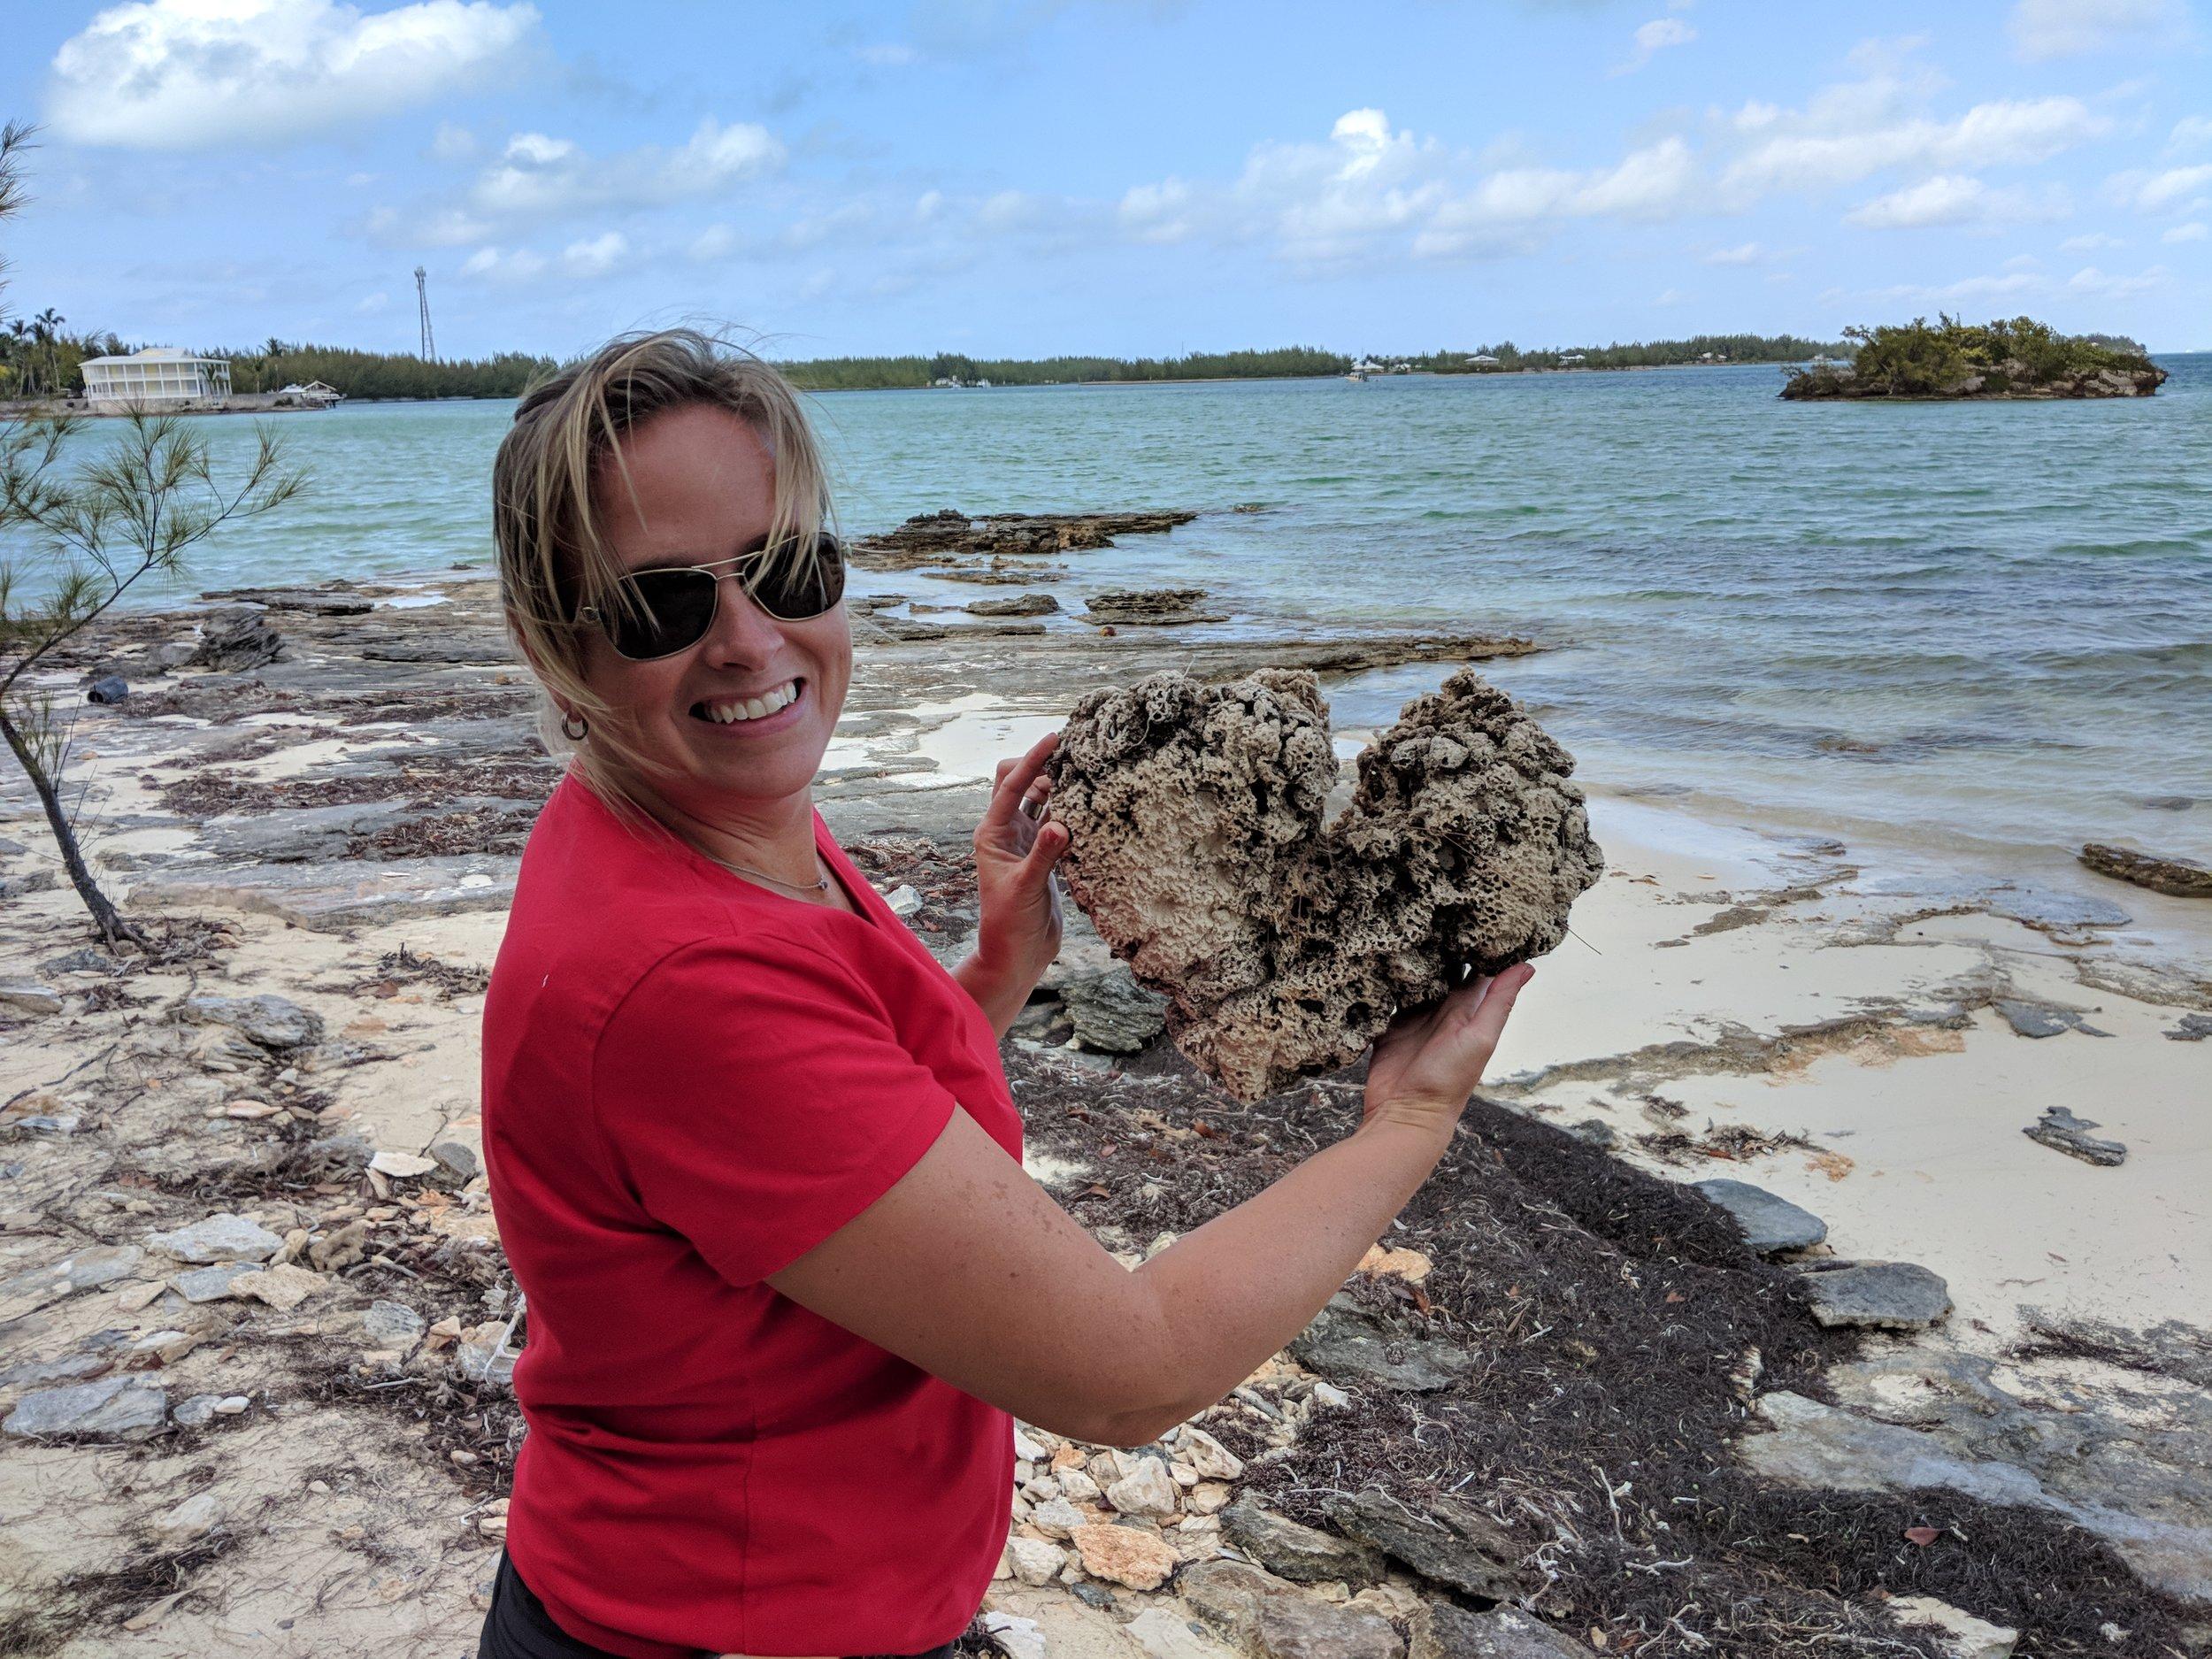 Heart shaped sea sponge! Cool!